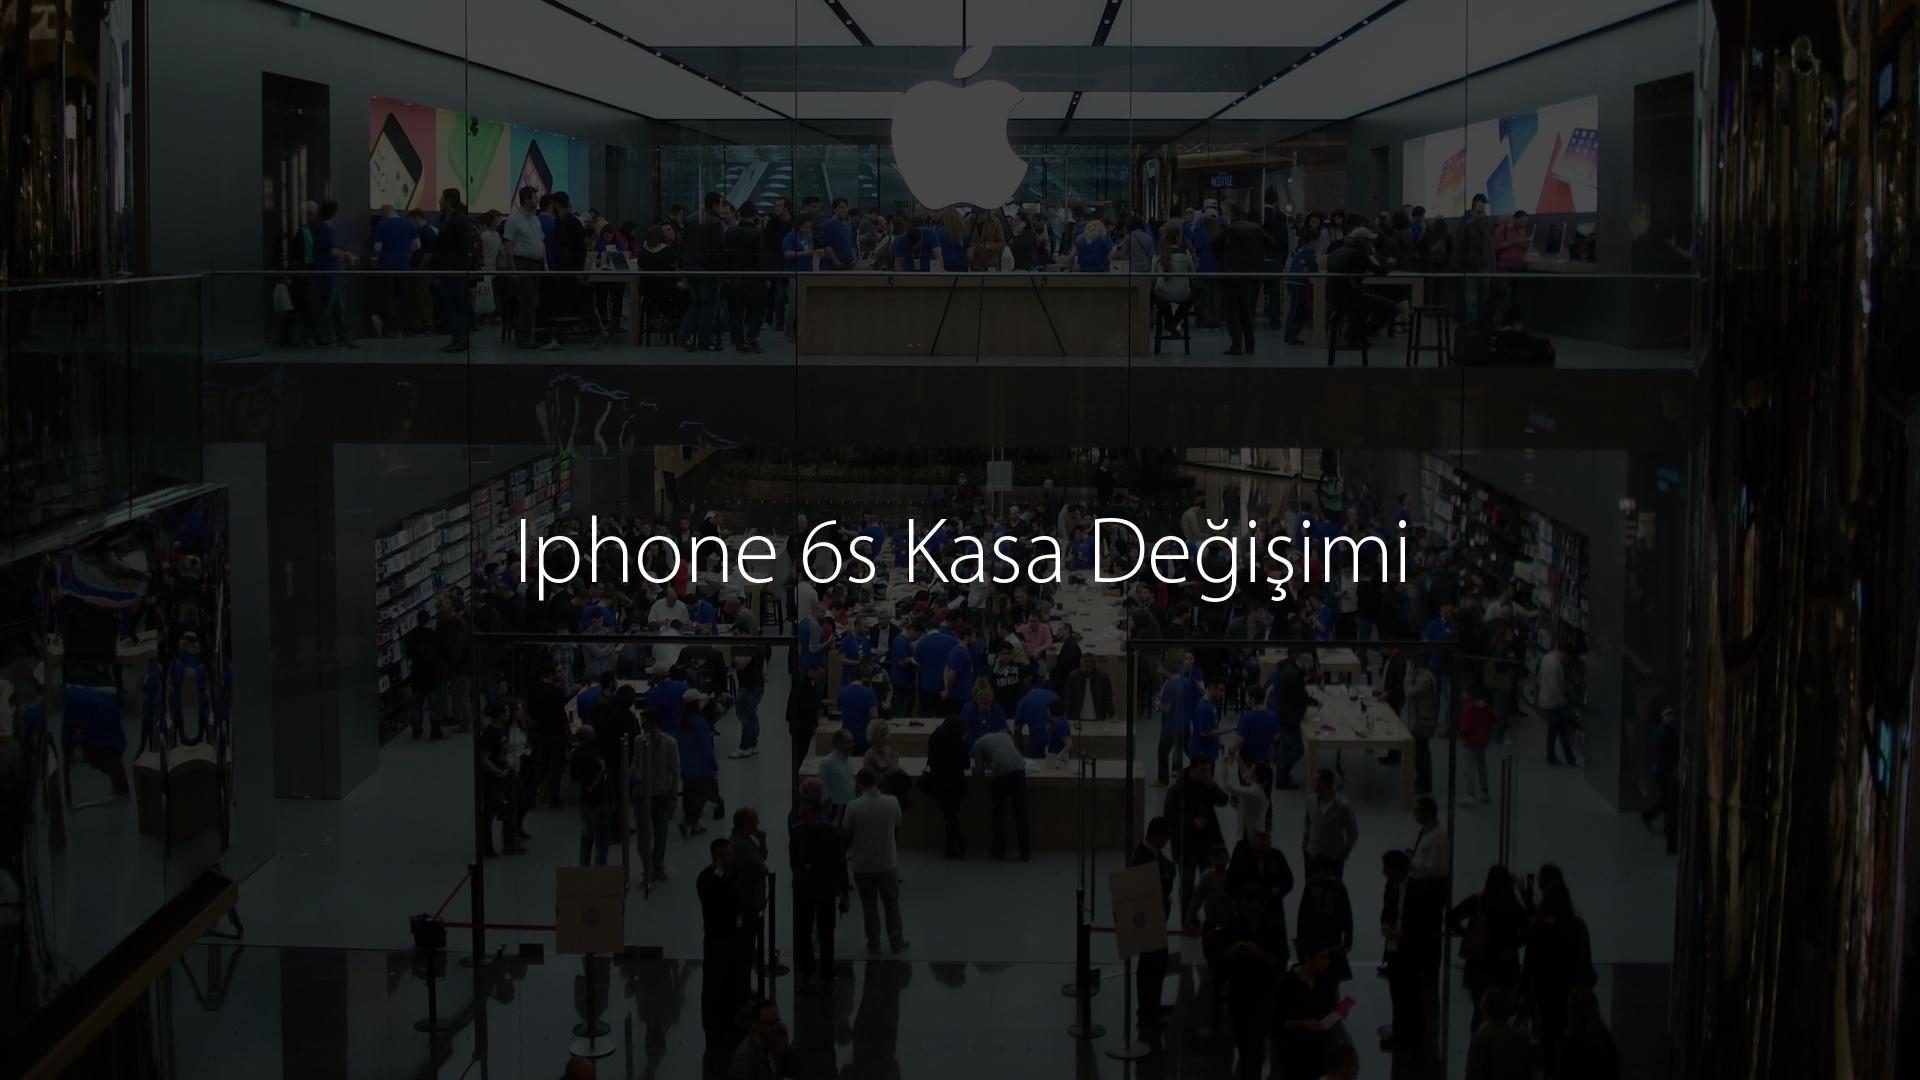 Iphone 6s Kasa Değişimi